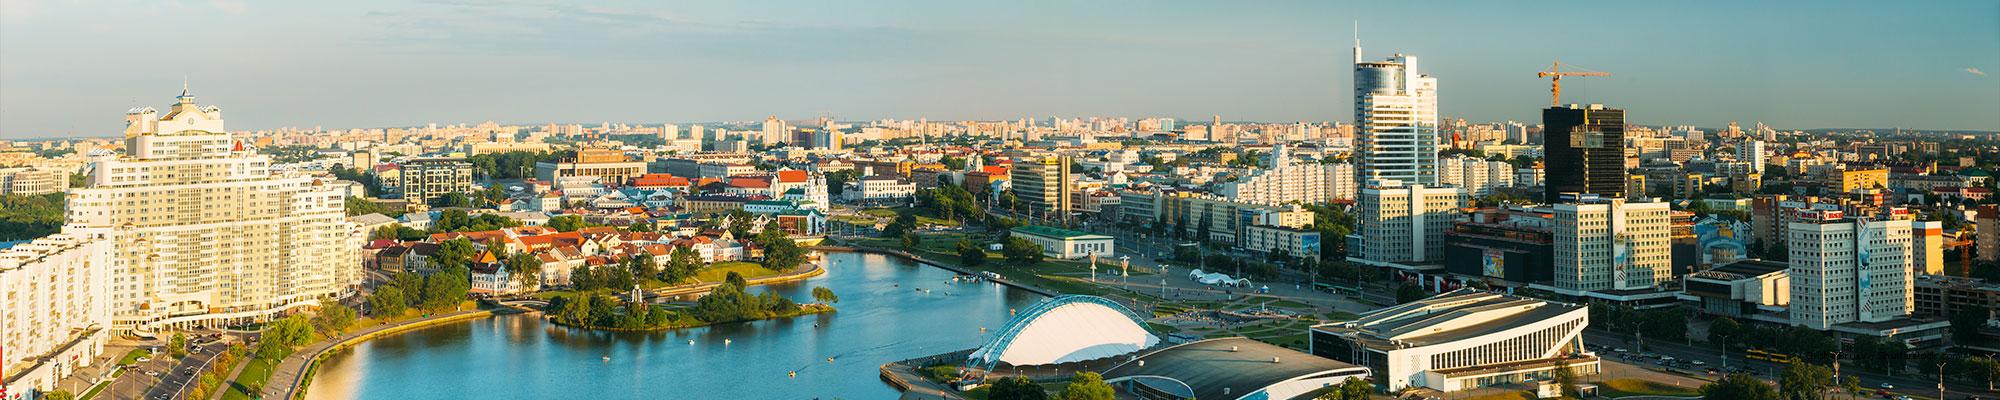 Grisha Bruev / Shutterstock.com